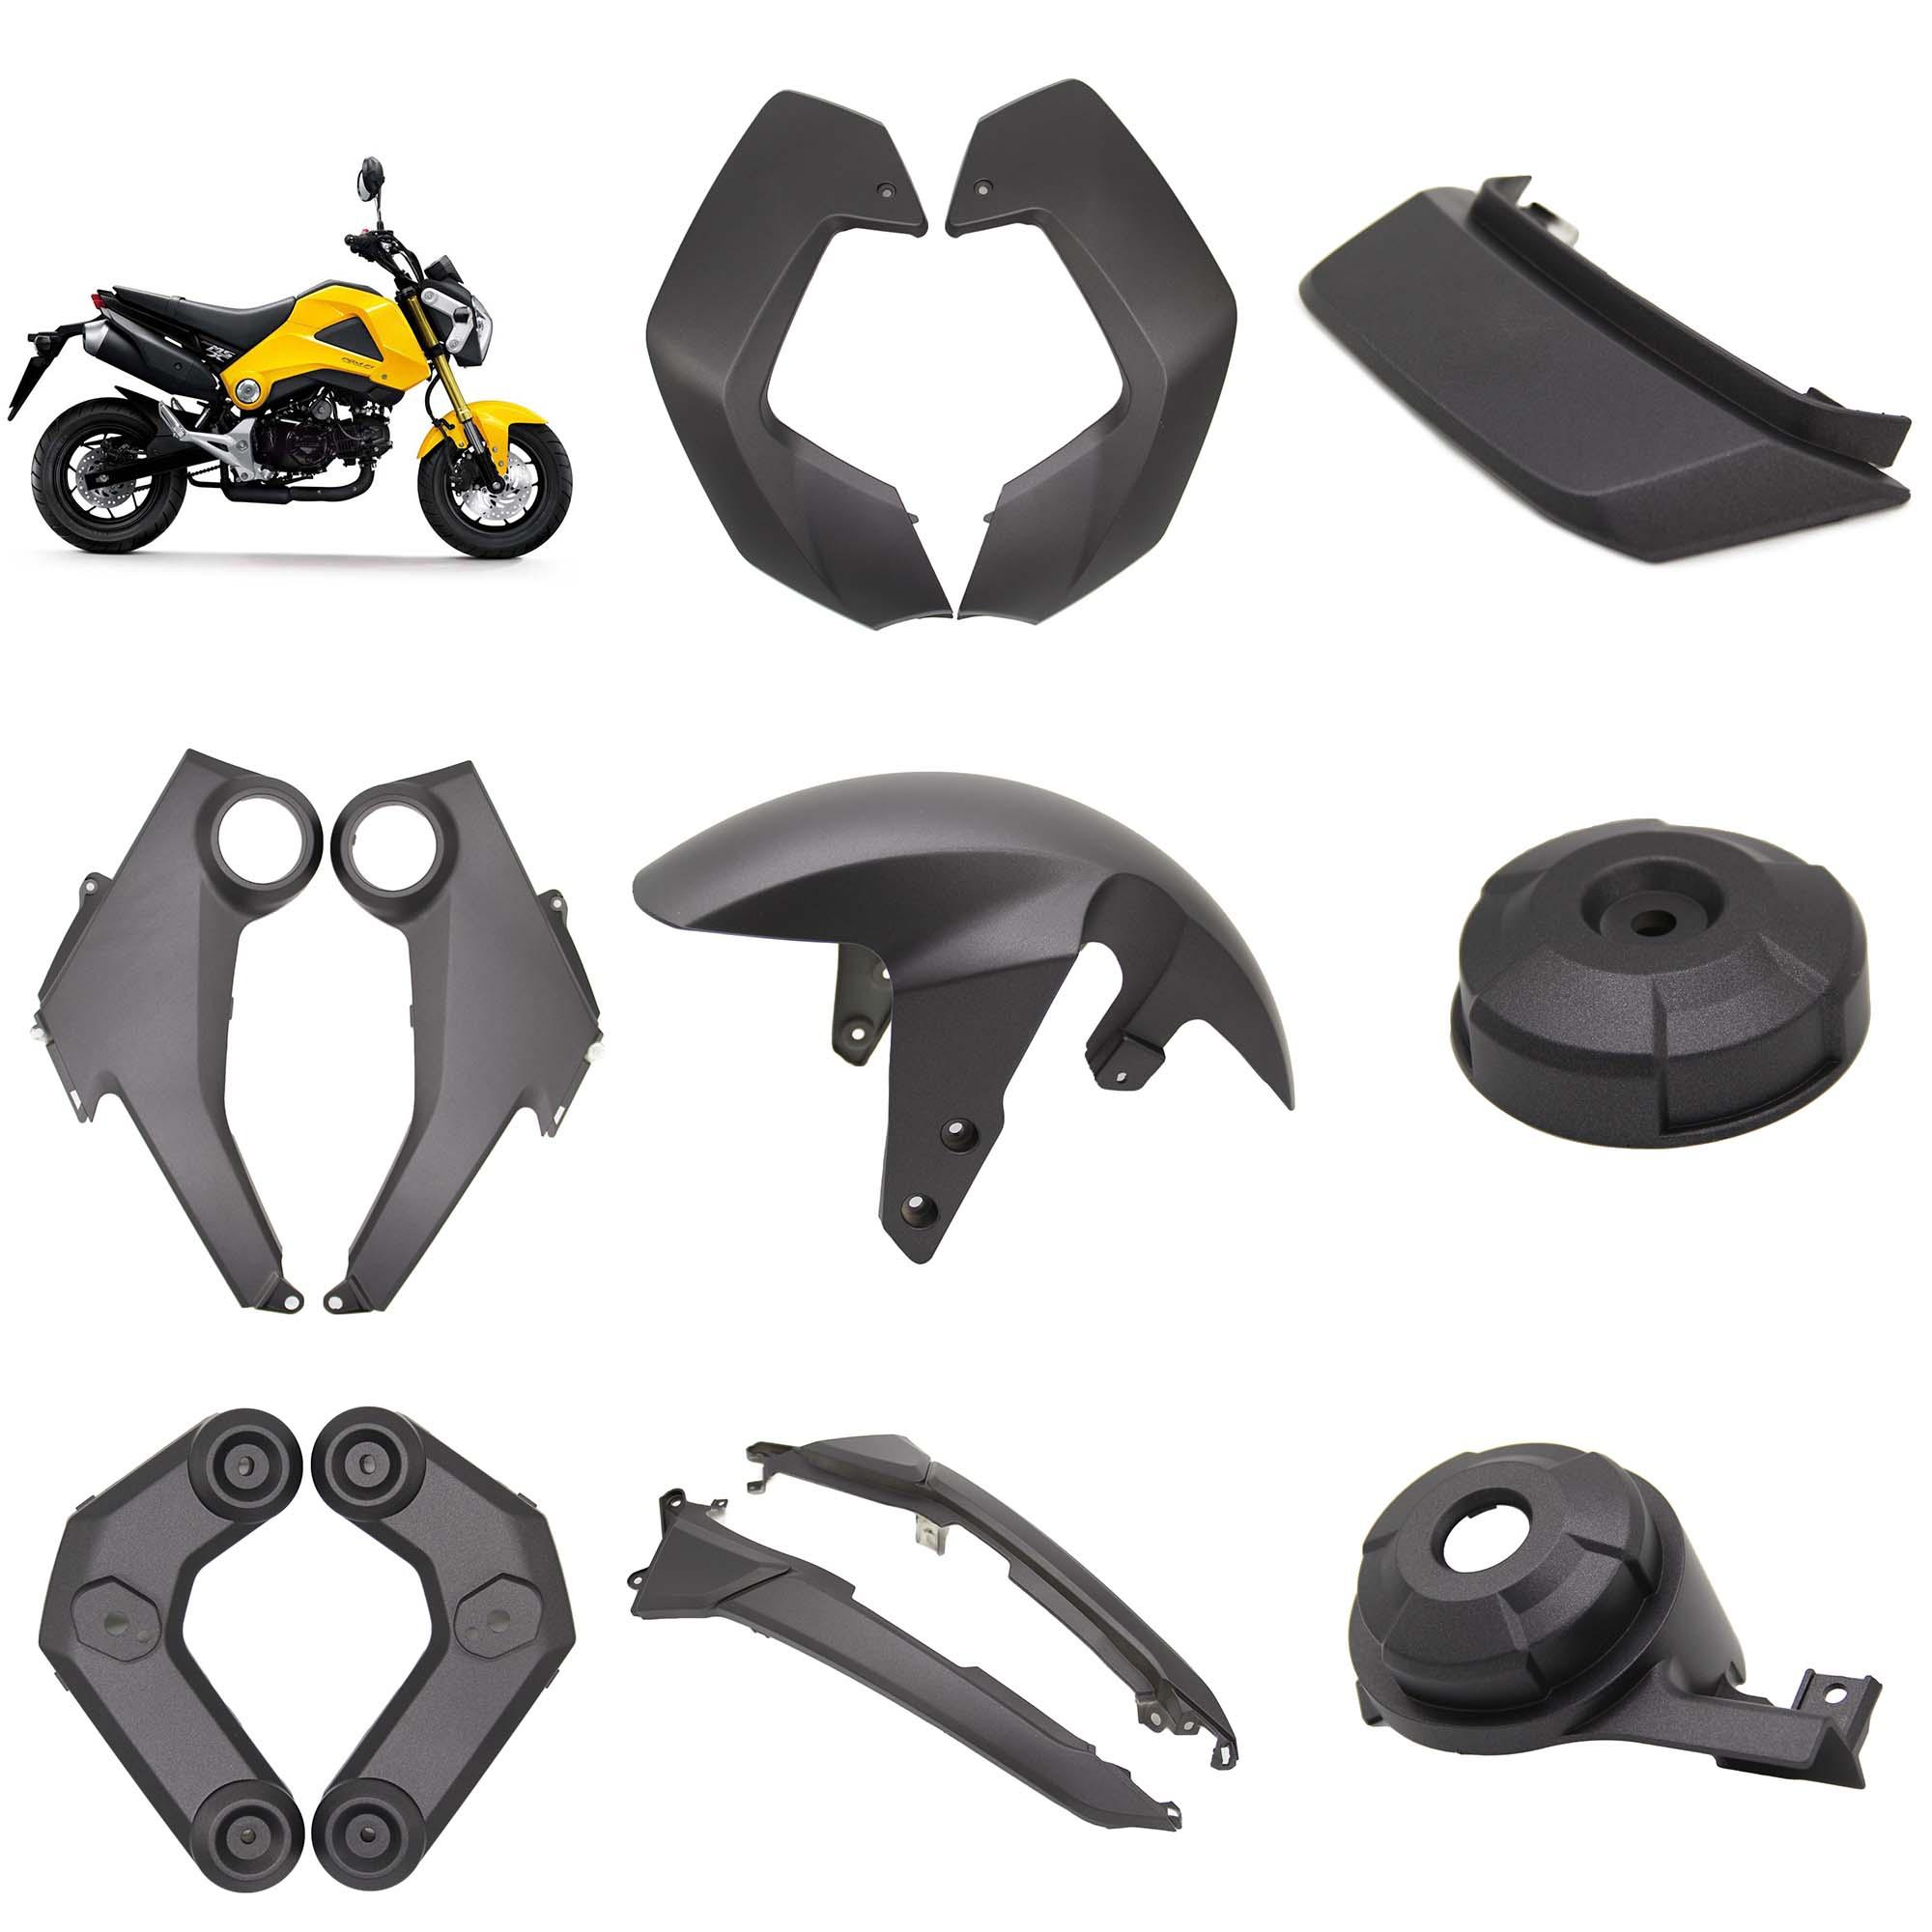 Комплект обтекателей для Honda Msx125 Msx 125 gom 2013 2014 2015, брызговик, боковая панель, защитный кожух